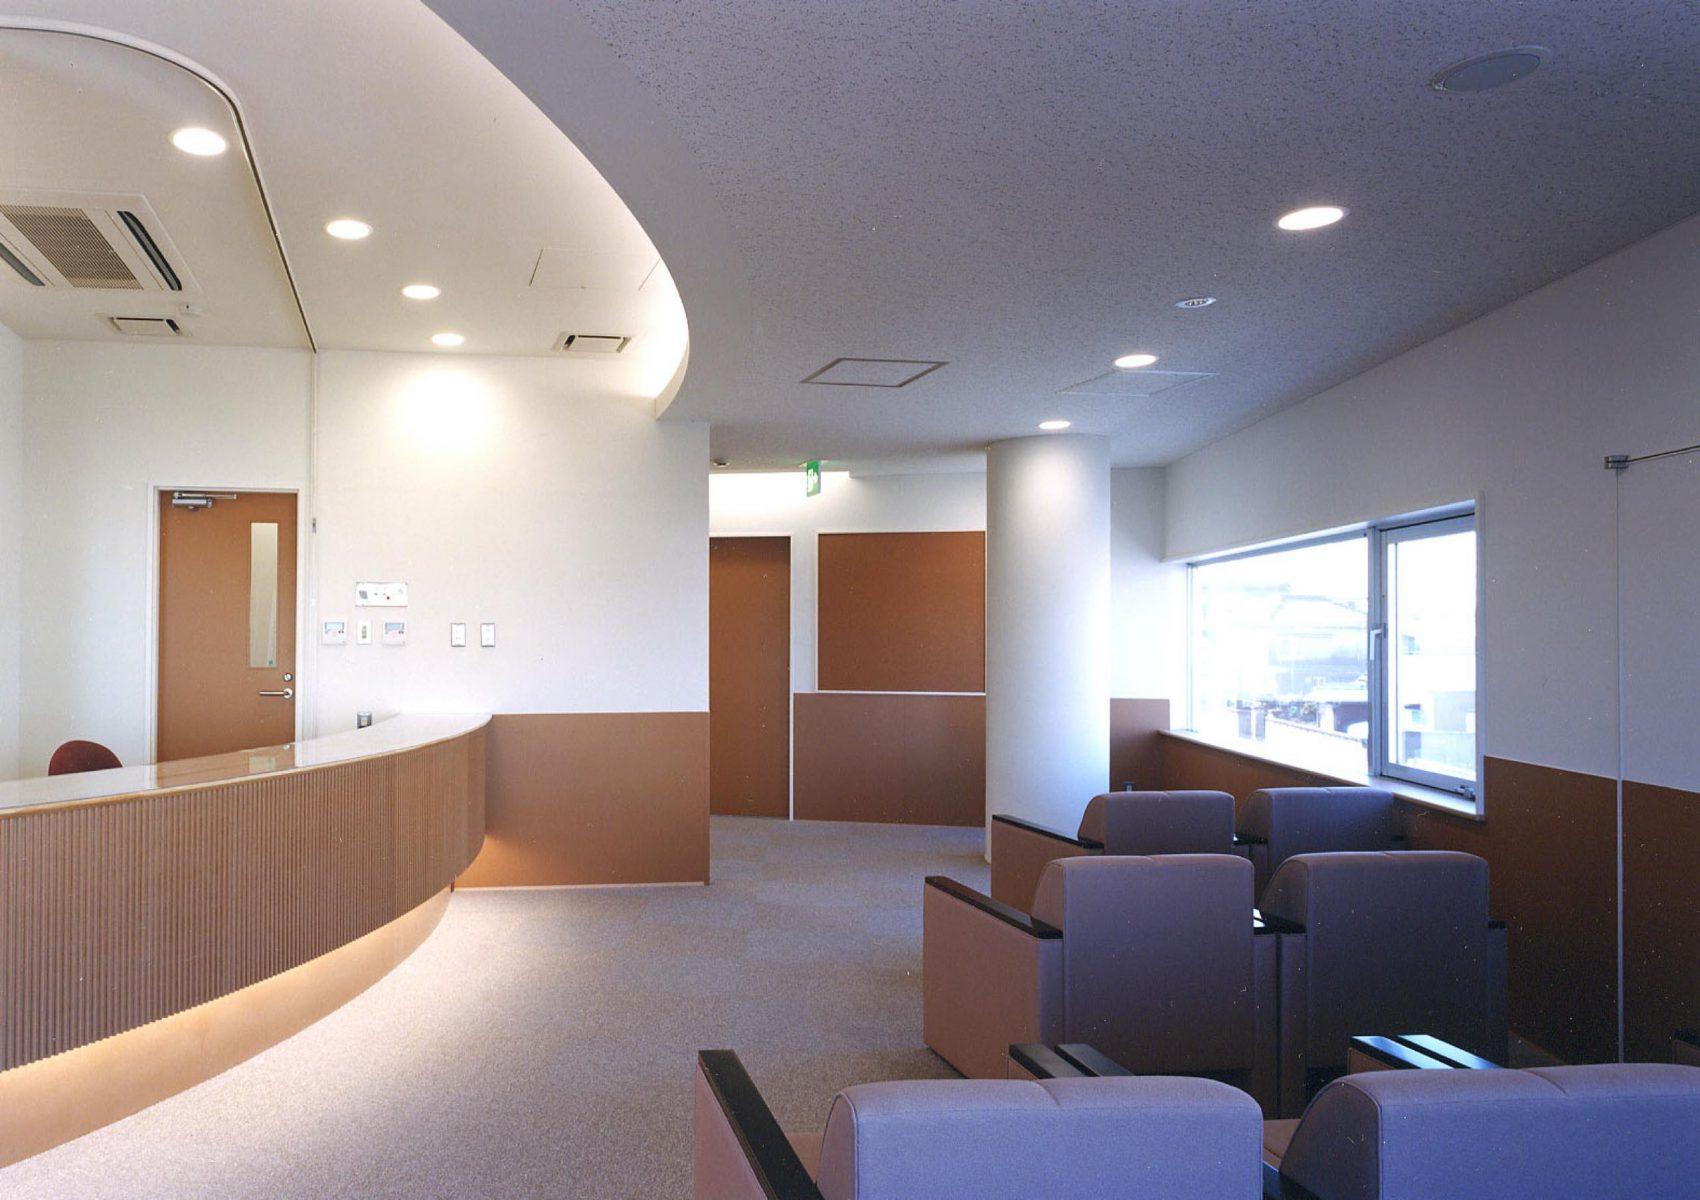 2階クリニック精神科待合室